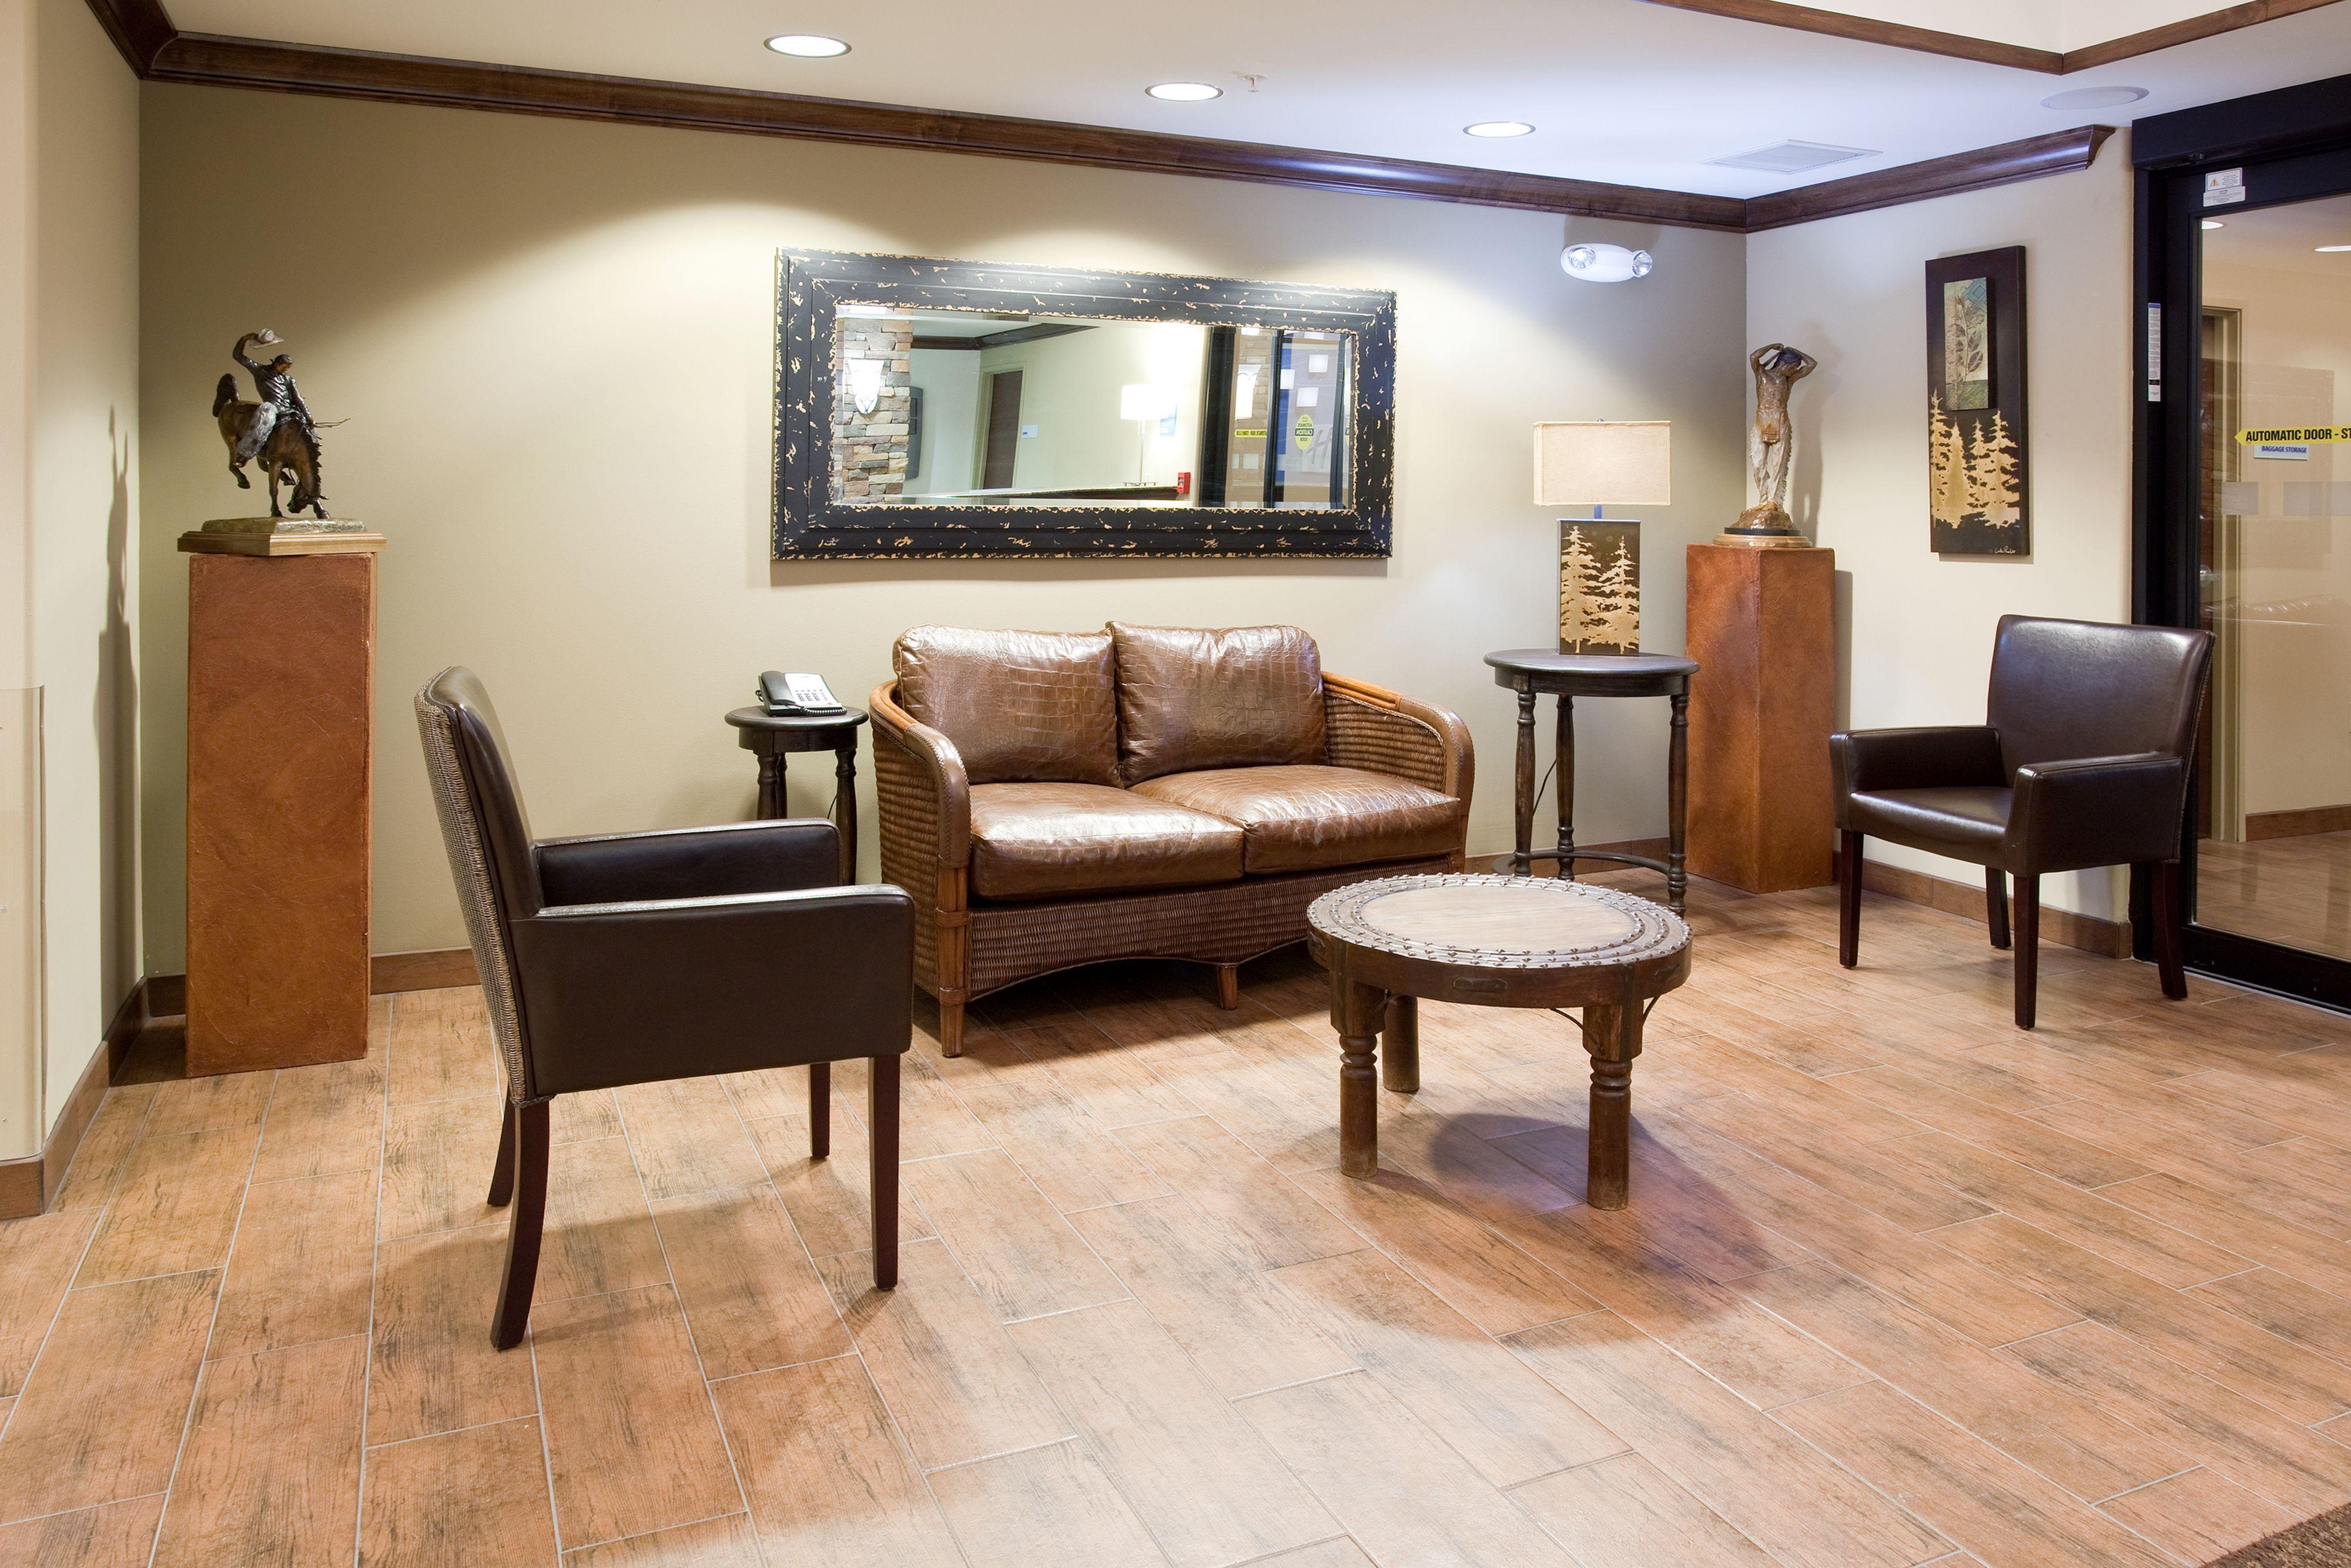 Holiday Inn Express & Suites Lander image 5